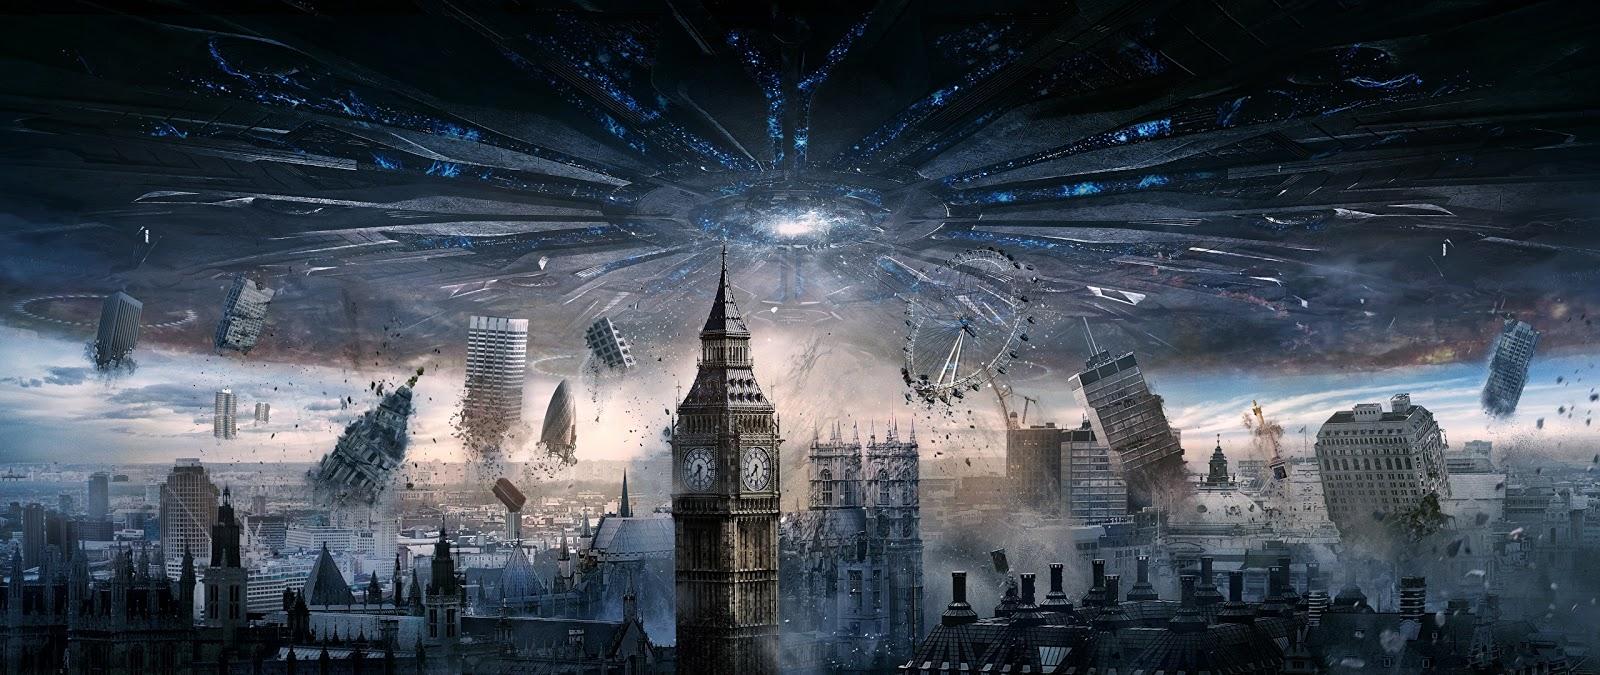 Cena do filme Independence Day mostrando invasão alienígena